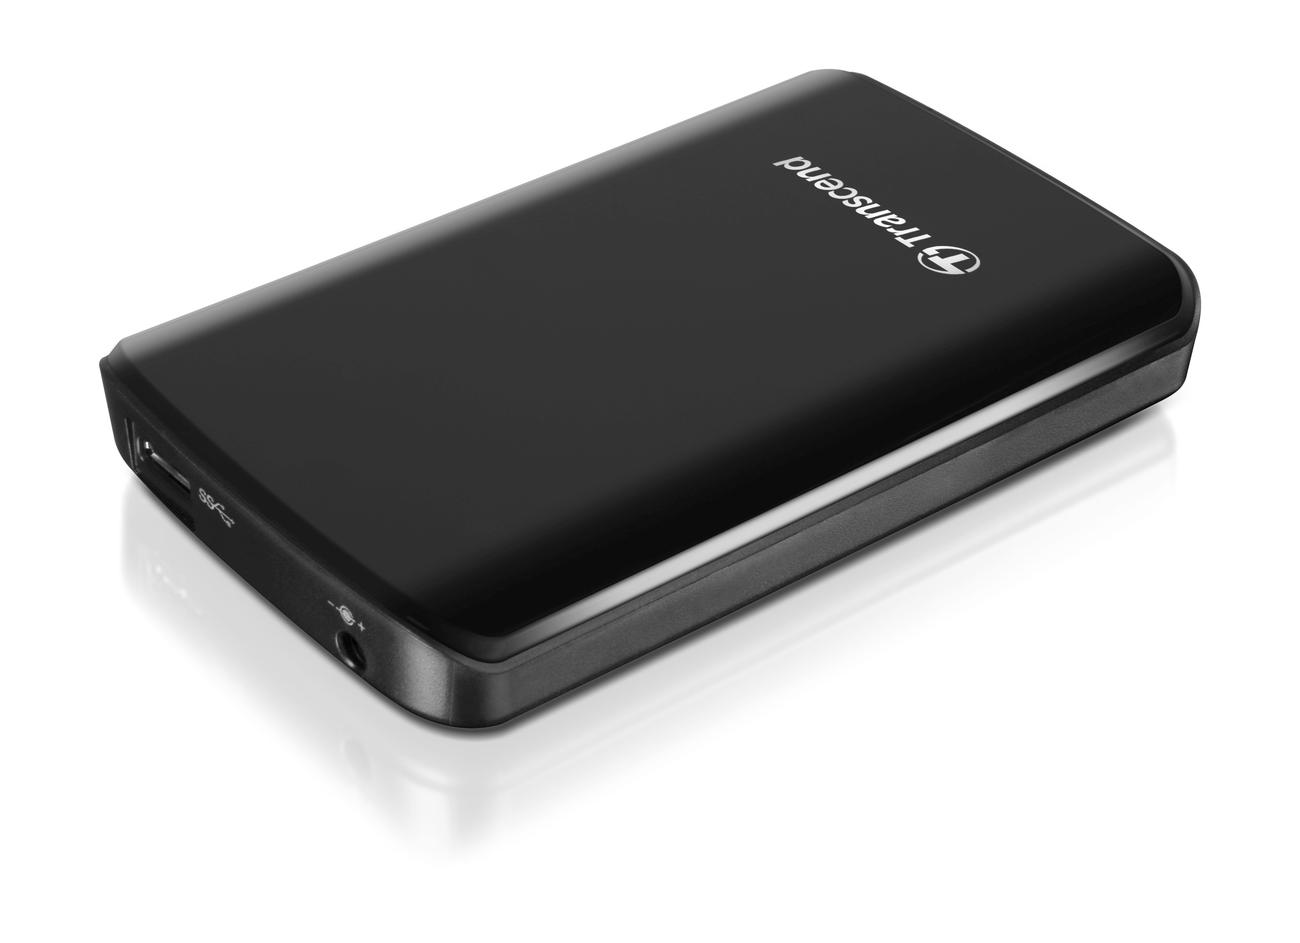 """TRANSCEND 1TB StoreJet 25D3, USB 3.0, 2.5"""" Externí hard disk, černý - TS1TSJ25D3"""